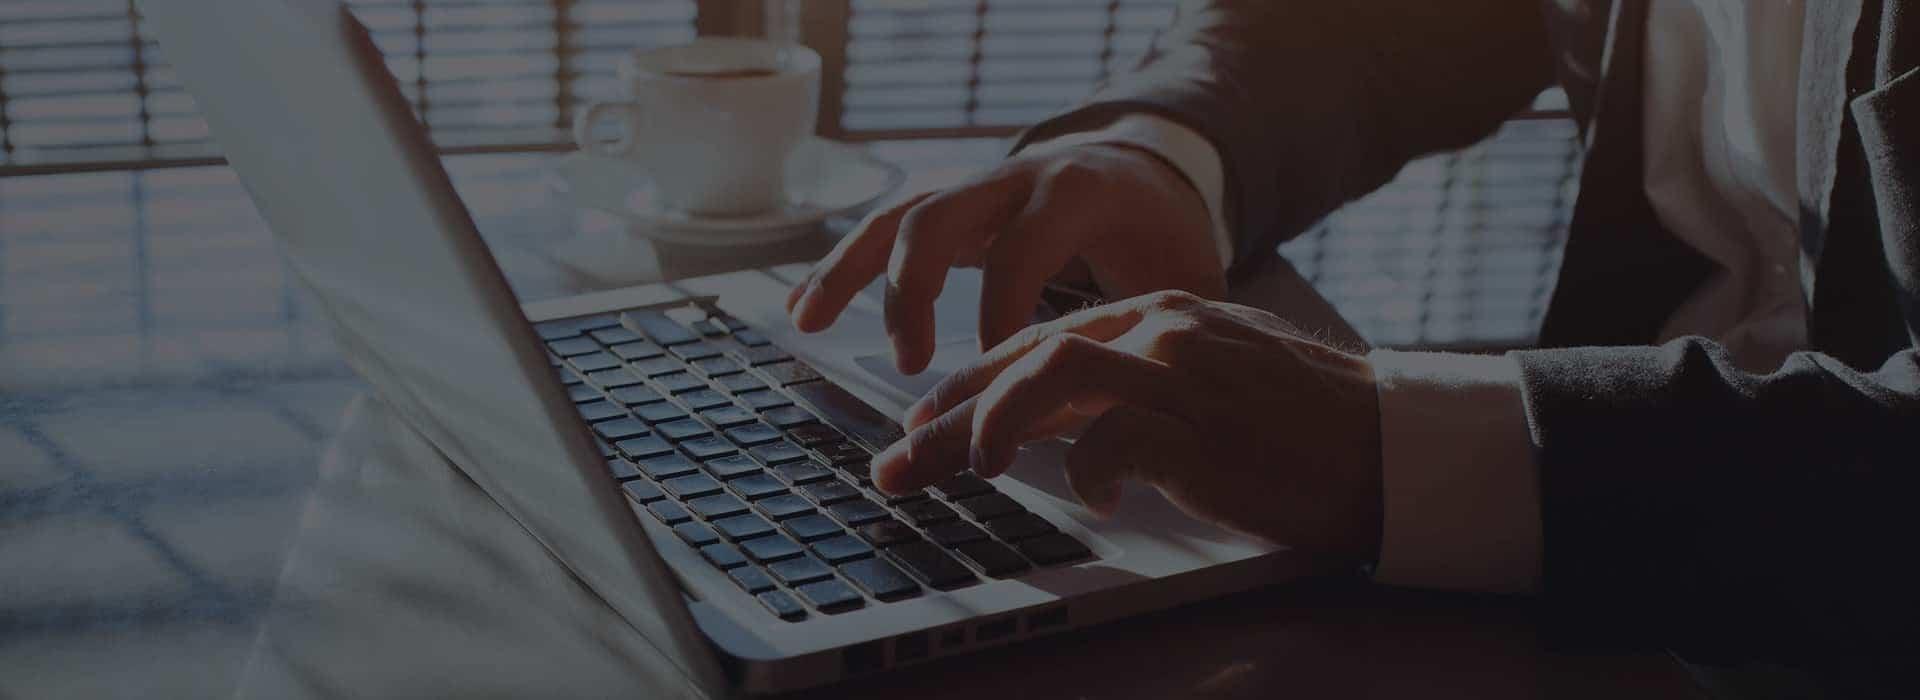 B2B skaitmeninės rinkodaros sprendimai